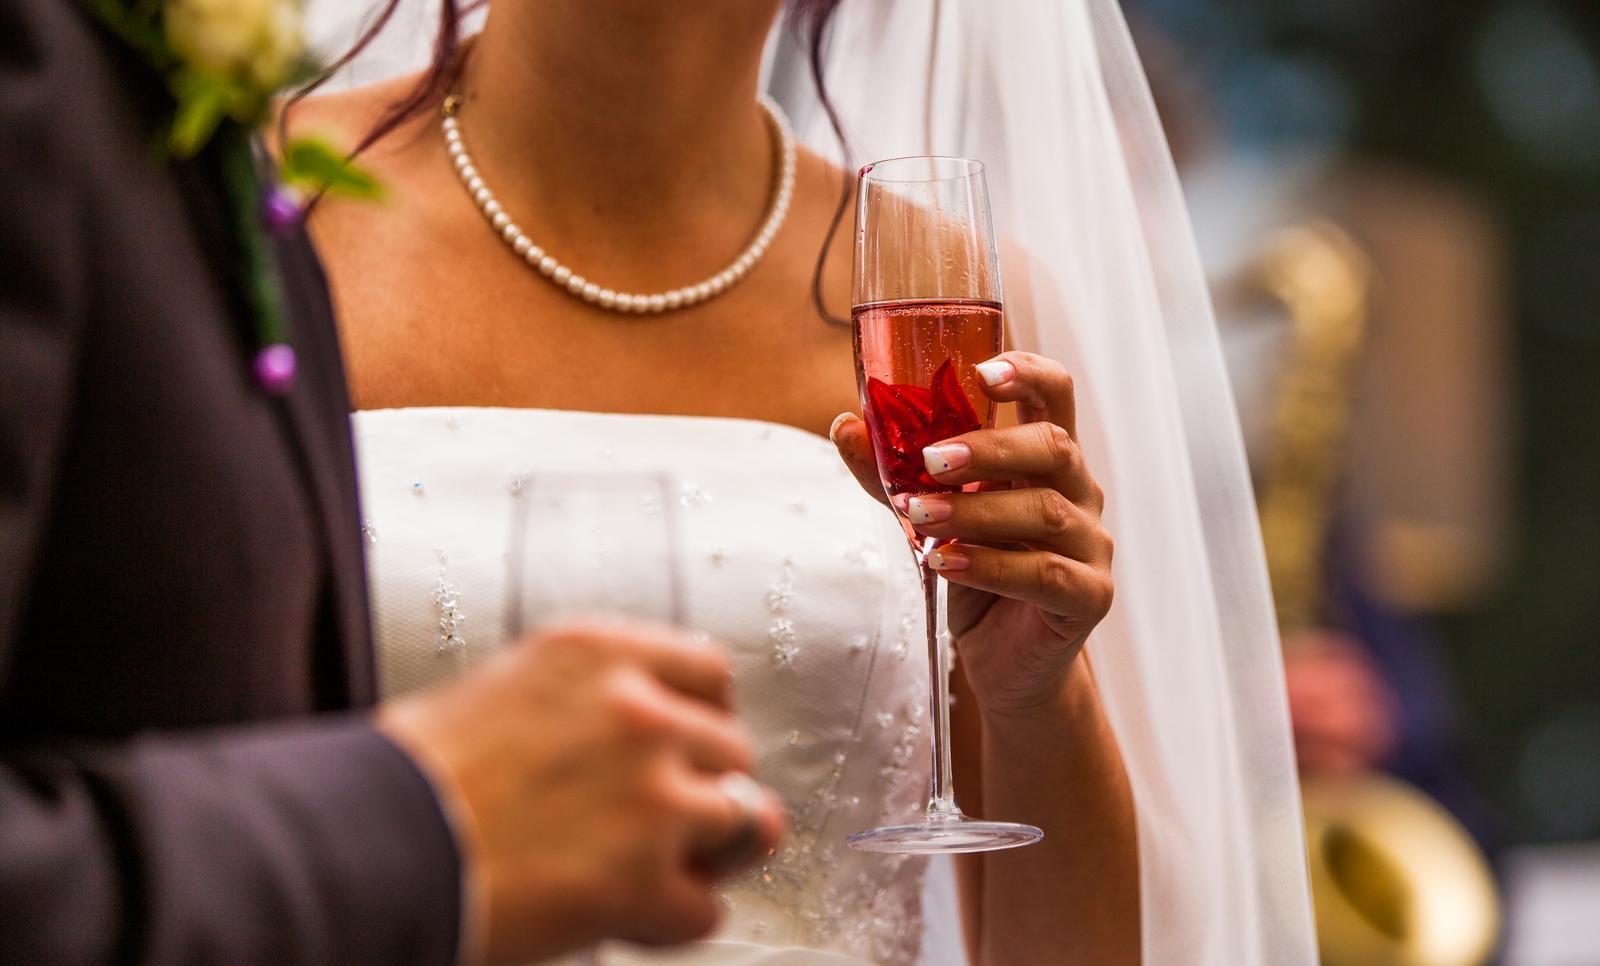 vinomaravilla - Milovať niekoho znamená zostarnúť s ním.